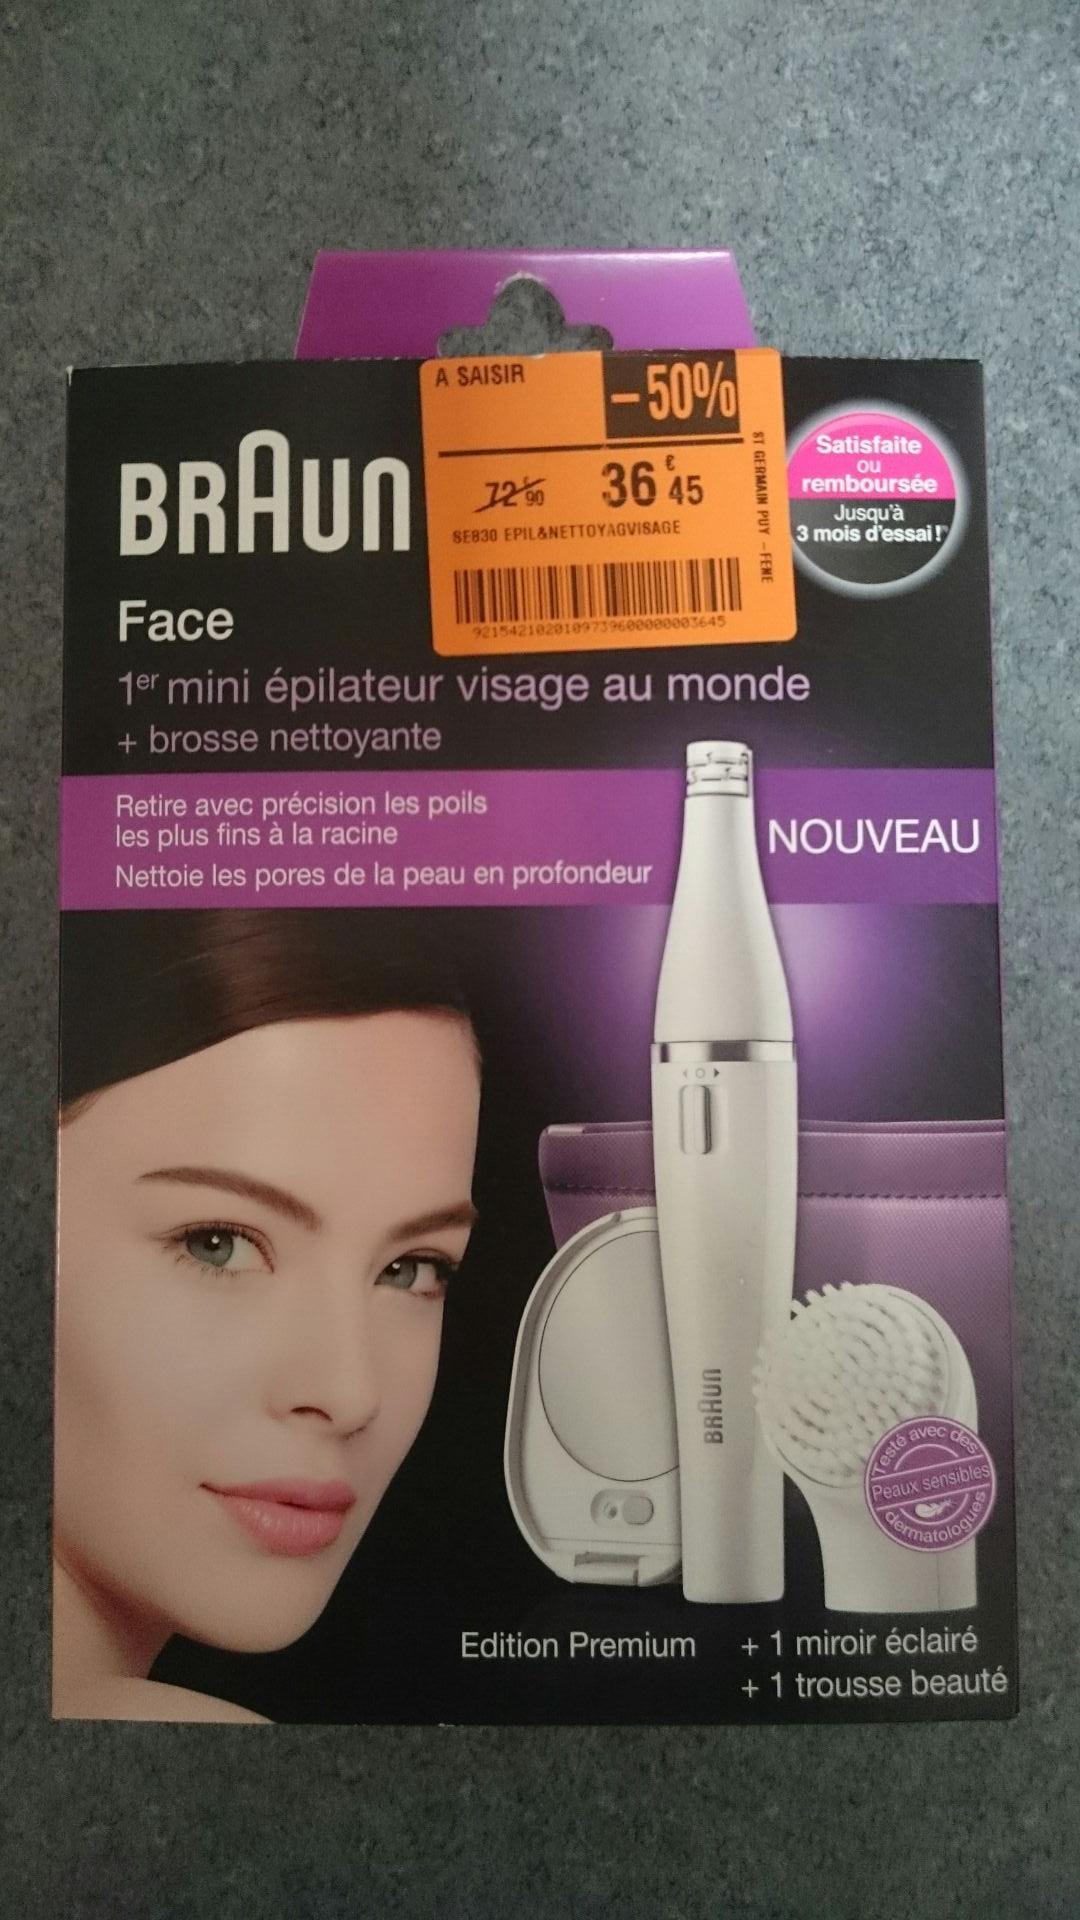 Mini Epilateur Braun Face Face 830 Édition Premium avec brosse nettoyante + mirroir + trousse beauté